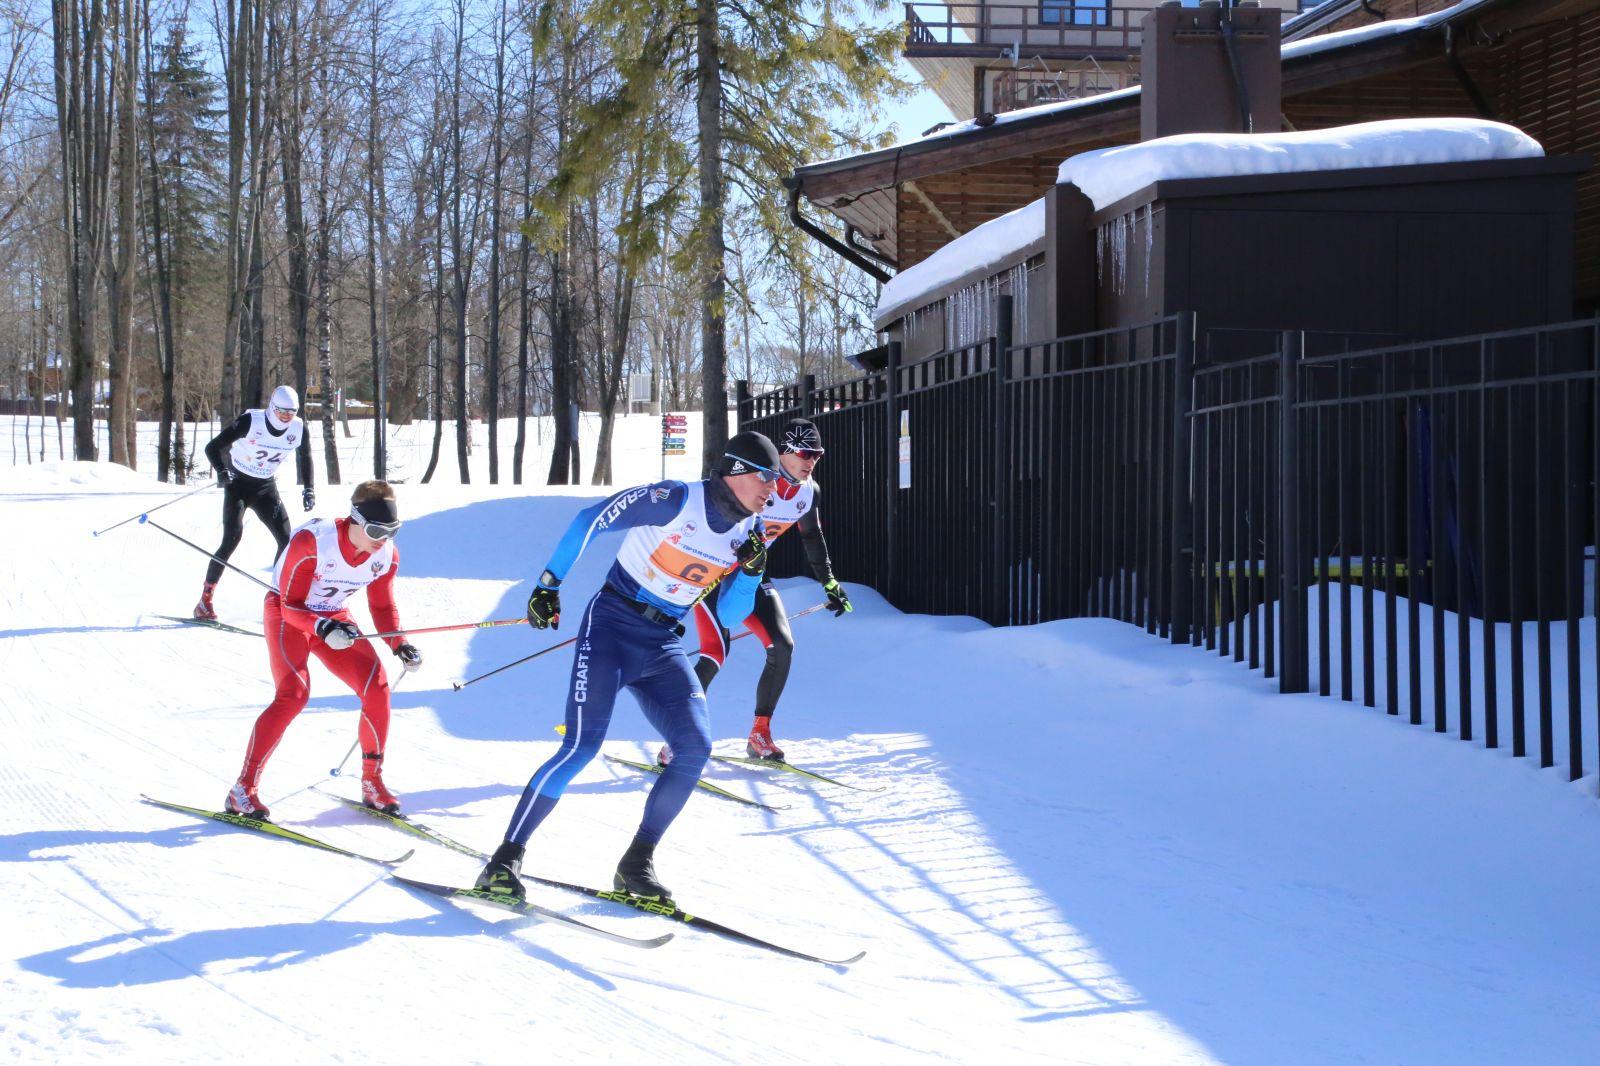 Станислав Чохлаев, Иван Голубков, Владислав Лекомцев стали обладателями наибольшего количества наград в своих классах Всероссийских соревнований по видам спорта, включенным в программу Паралимпийских игр